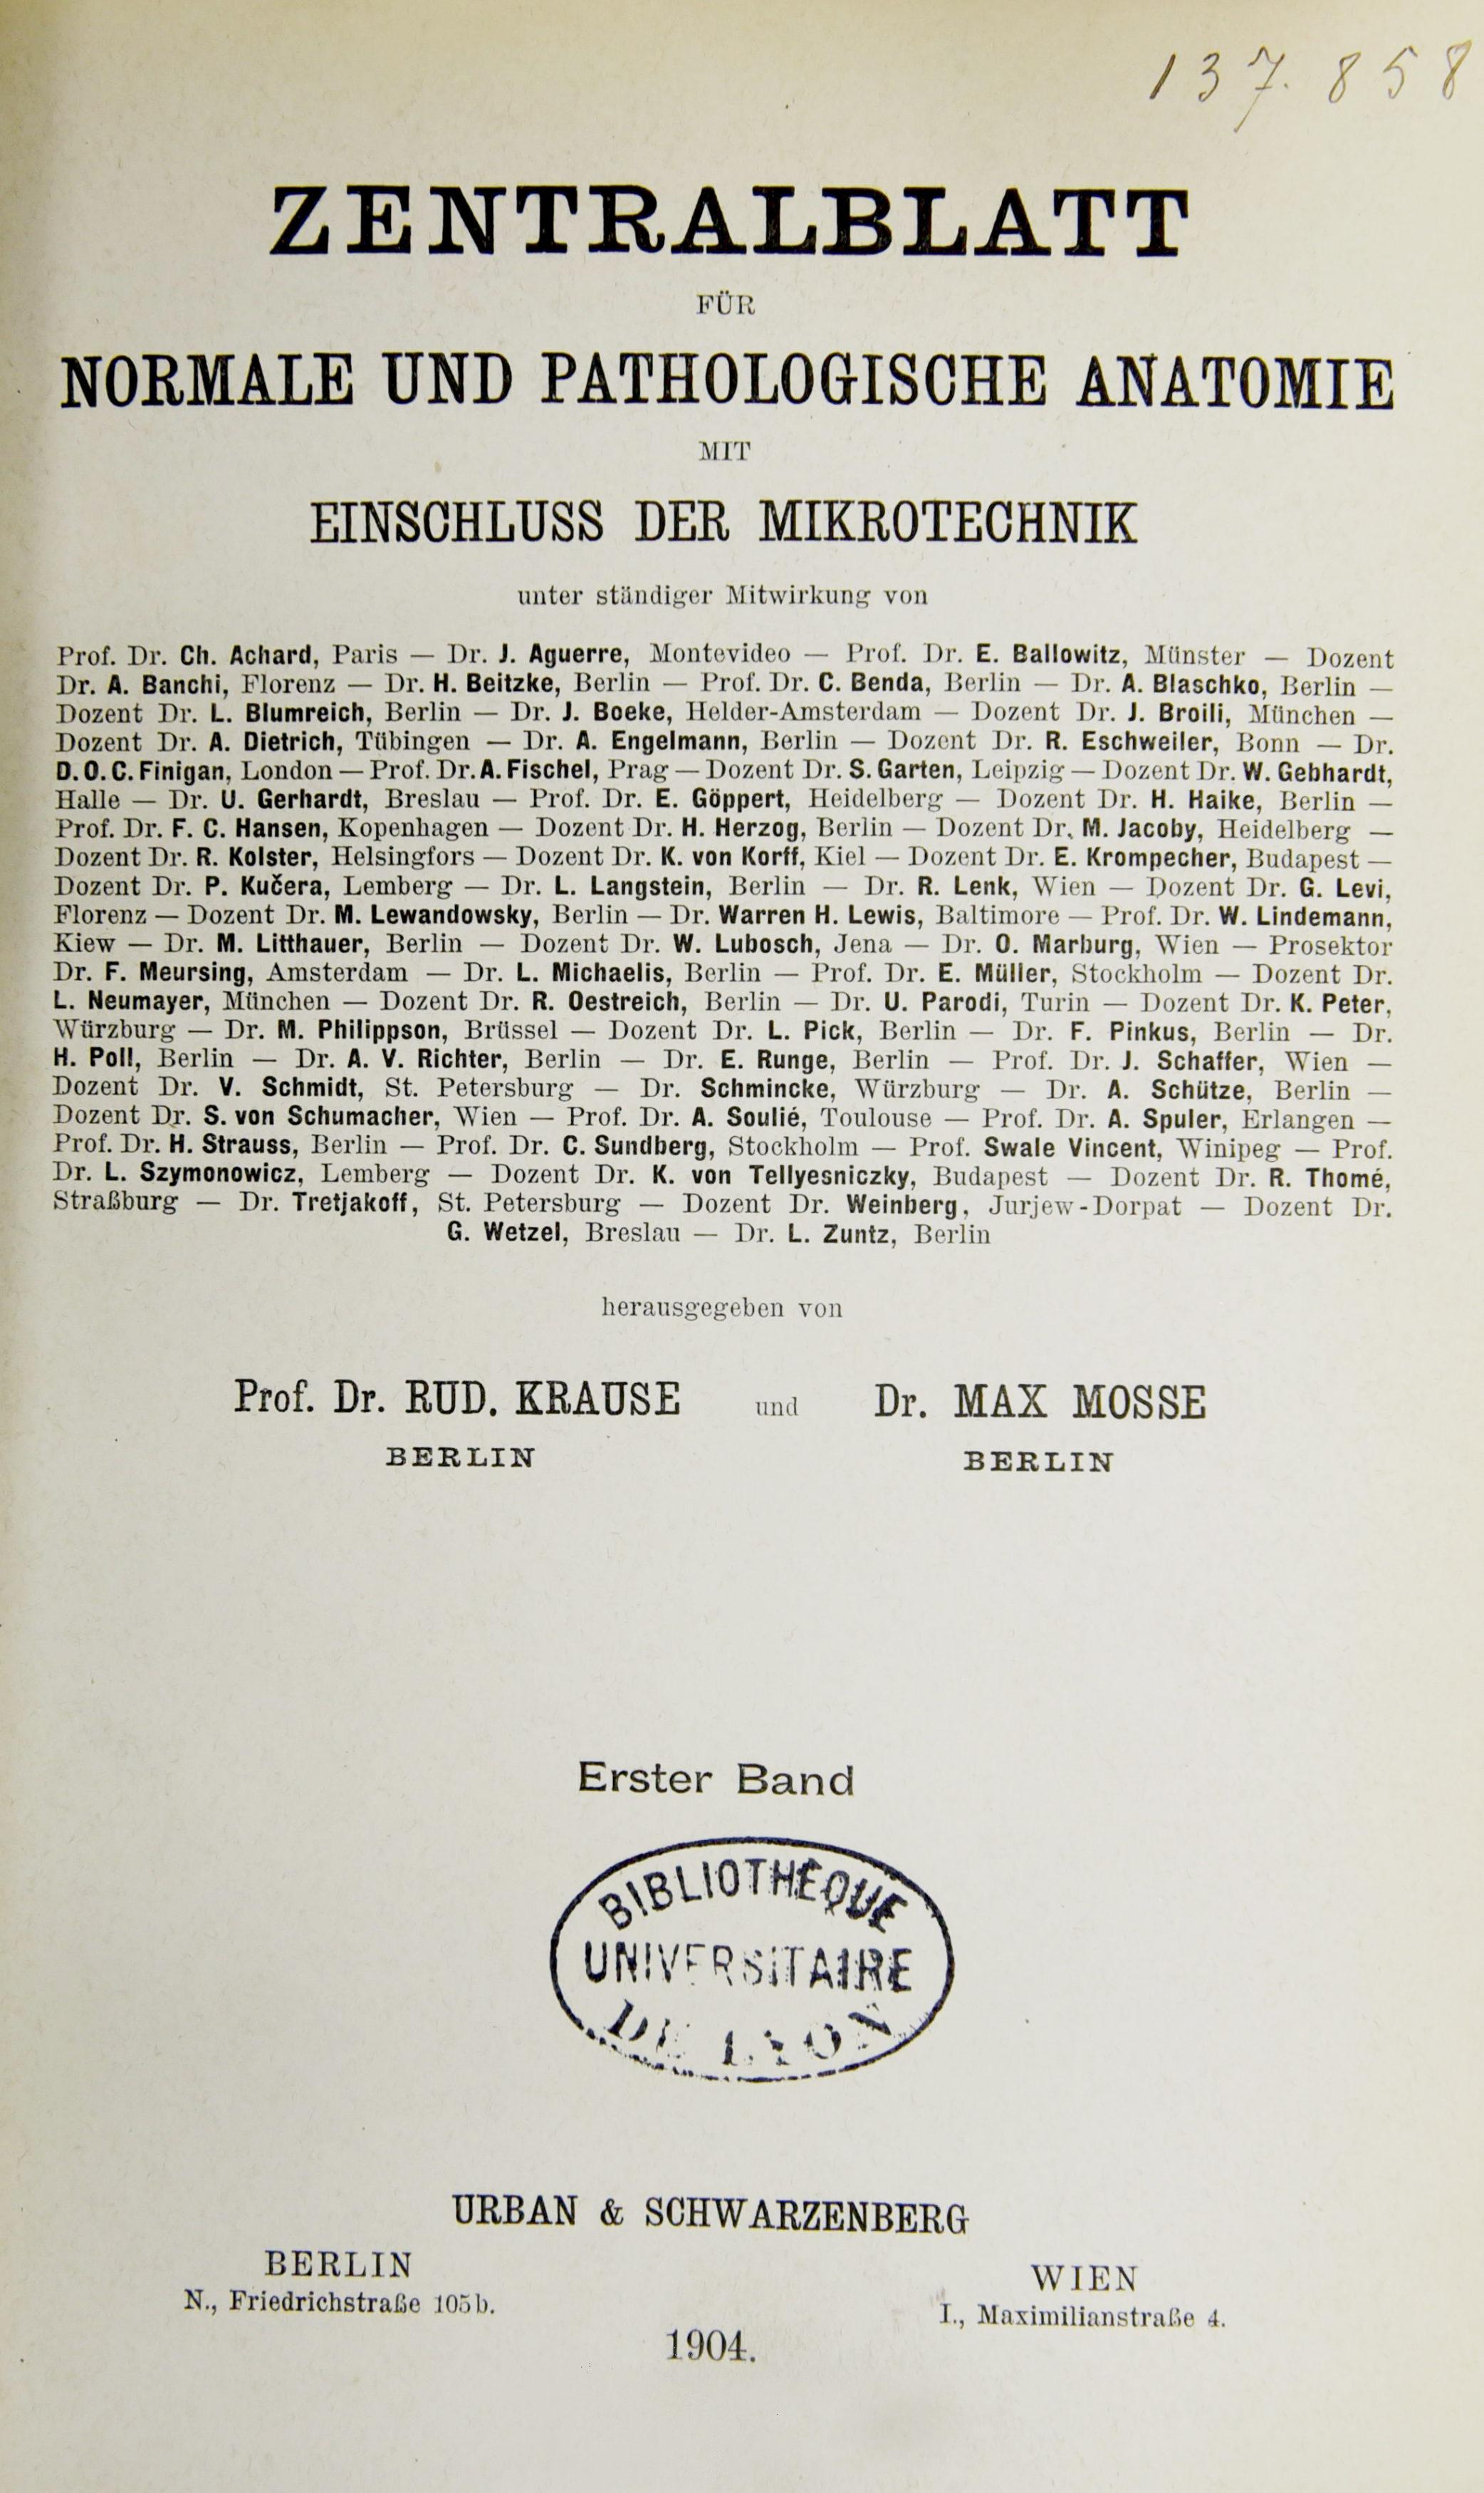 Zentralblatt für normale und pathologischen Anatomie